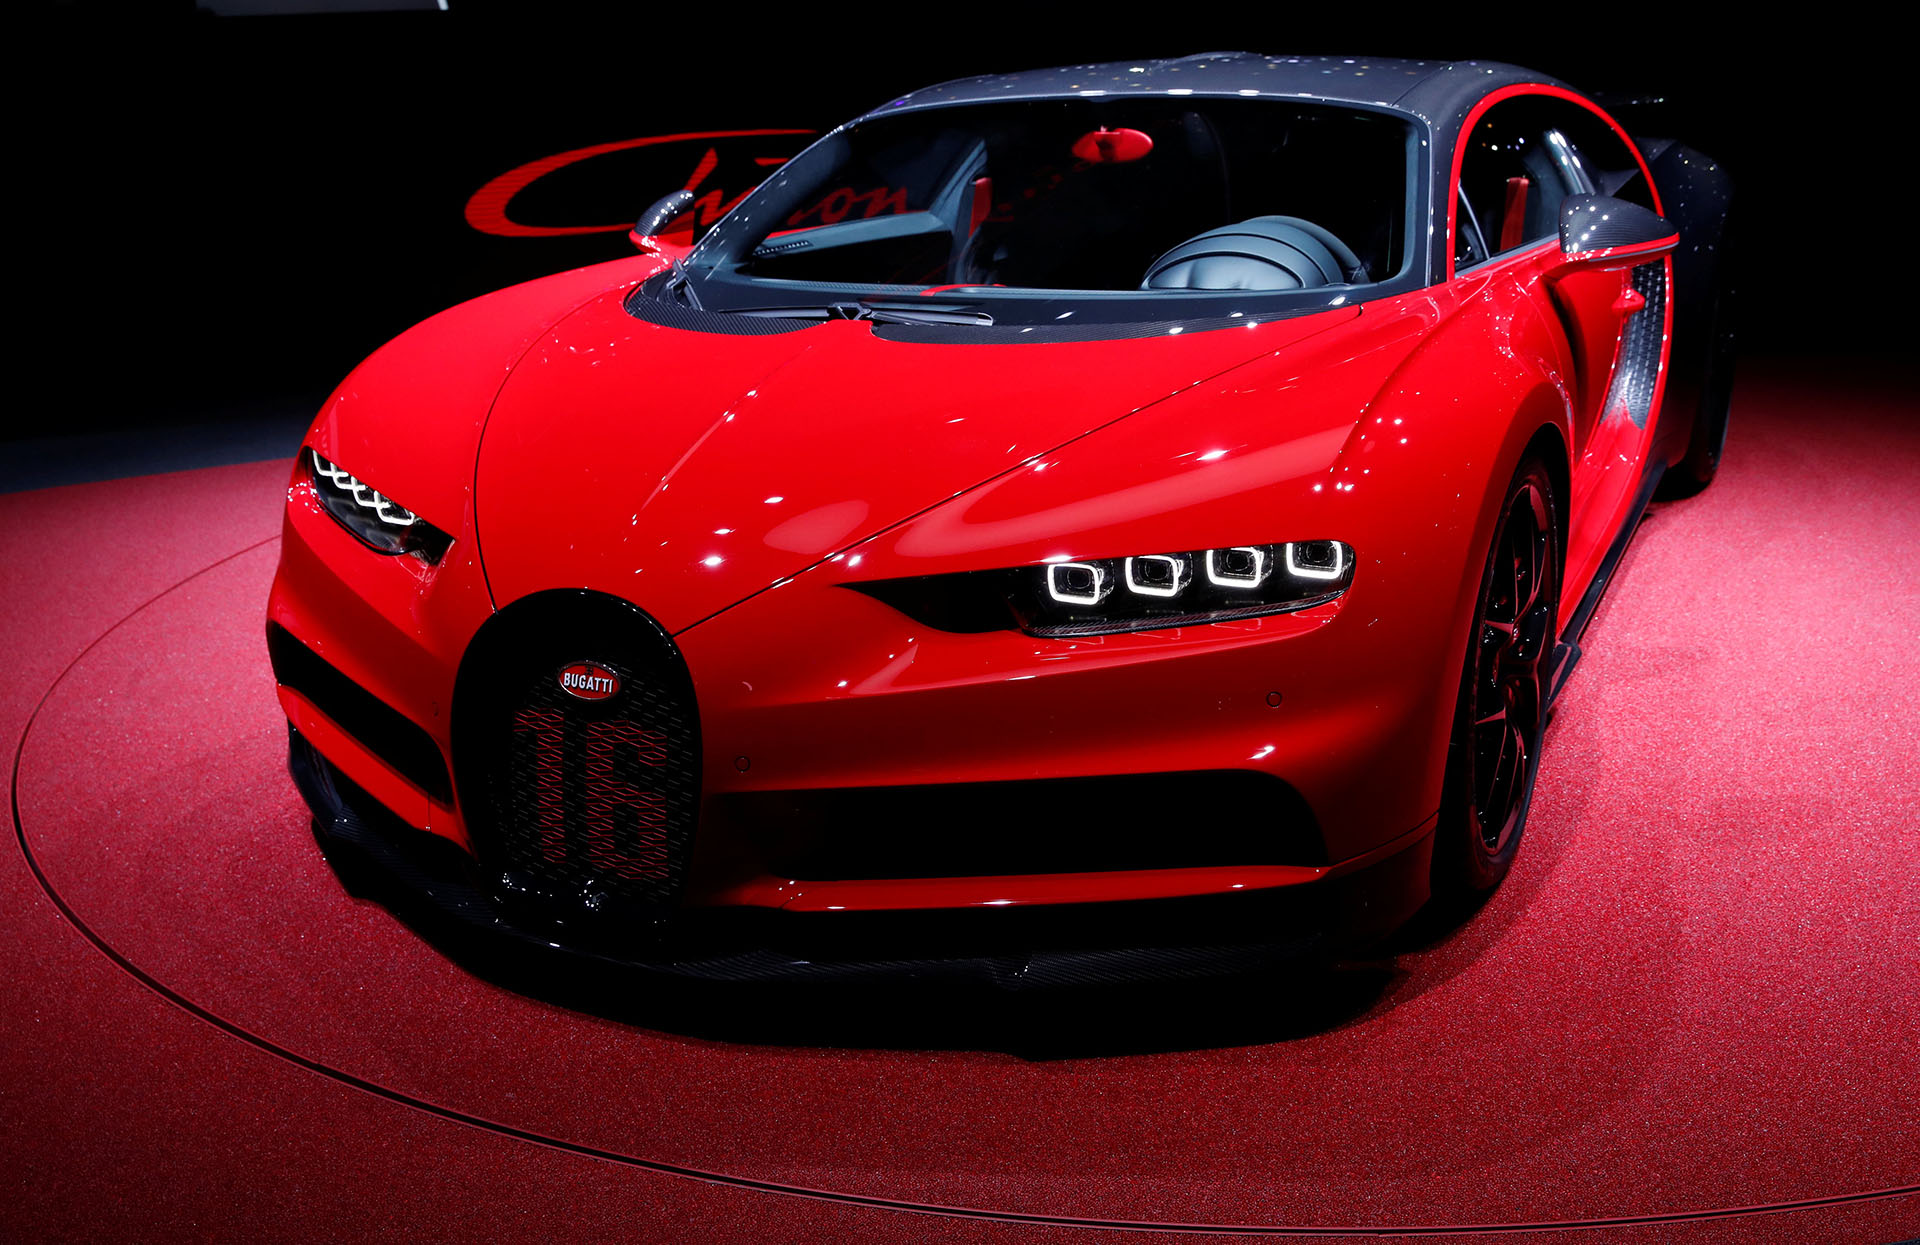 Hace dos años y en la misma cita helvética, Bugatti cambiaba el plano de la industria automotriz con su Chiron, que adquirió fama internacional por ser considerado el mejor auto del mundo. En la edición 88° del Salón de Ginebra, Bugatti presentó el Chiron Sport, que reduce peso y exacerba el perfil deportivo de un modelo ya radical